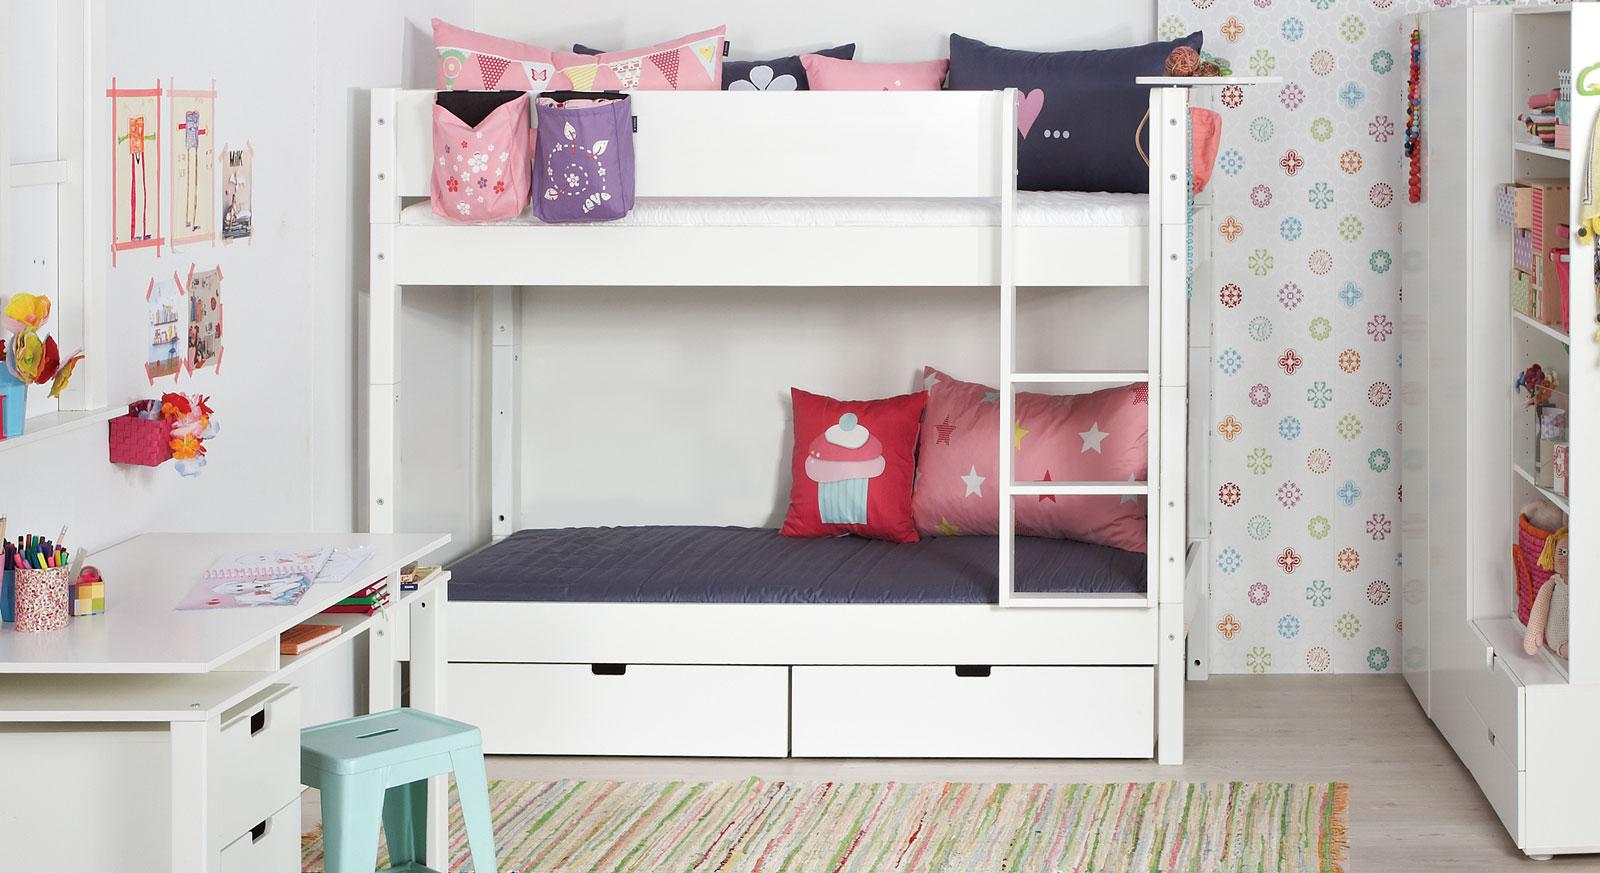 Etagenbett Weiß Für Kinder : Etagenbetten für kleinkinder günstig kaufen betten